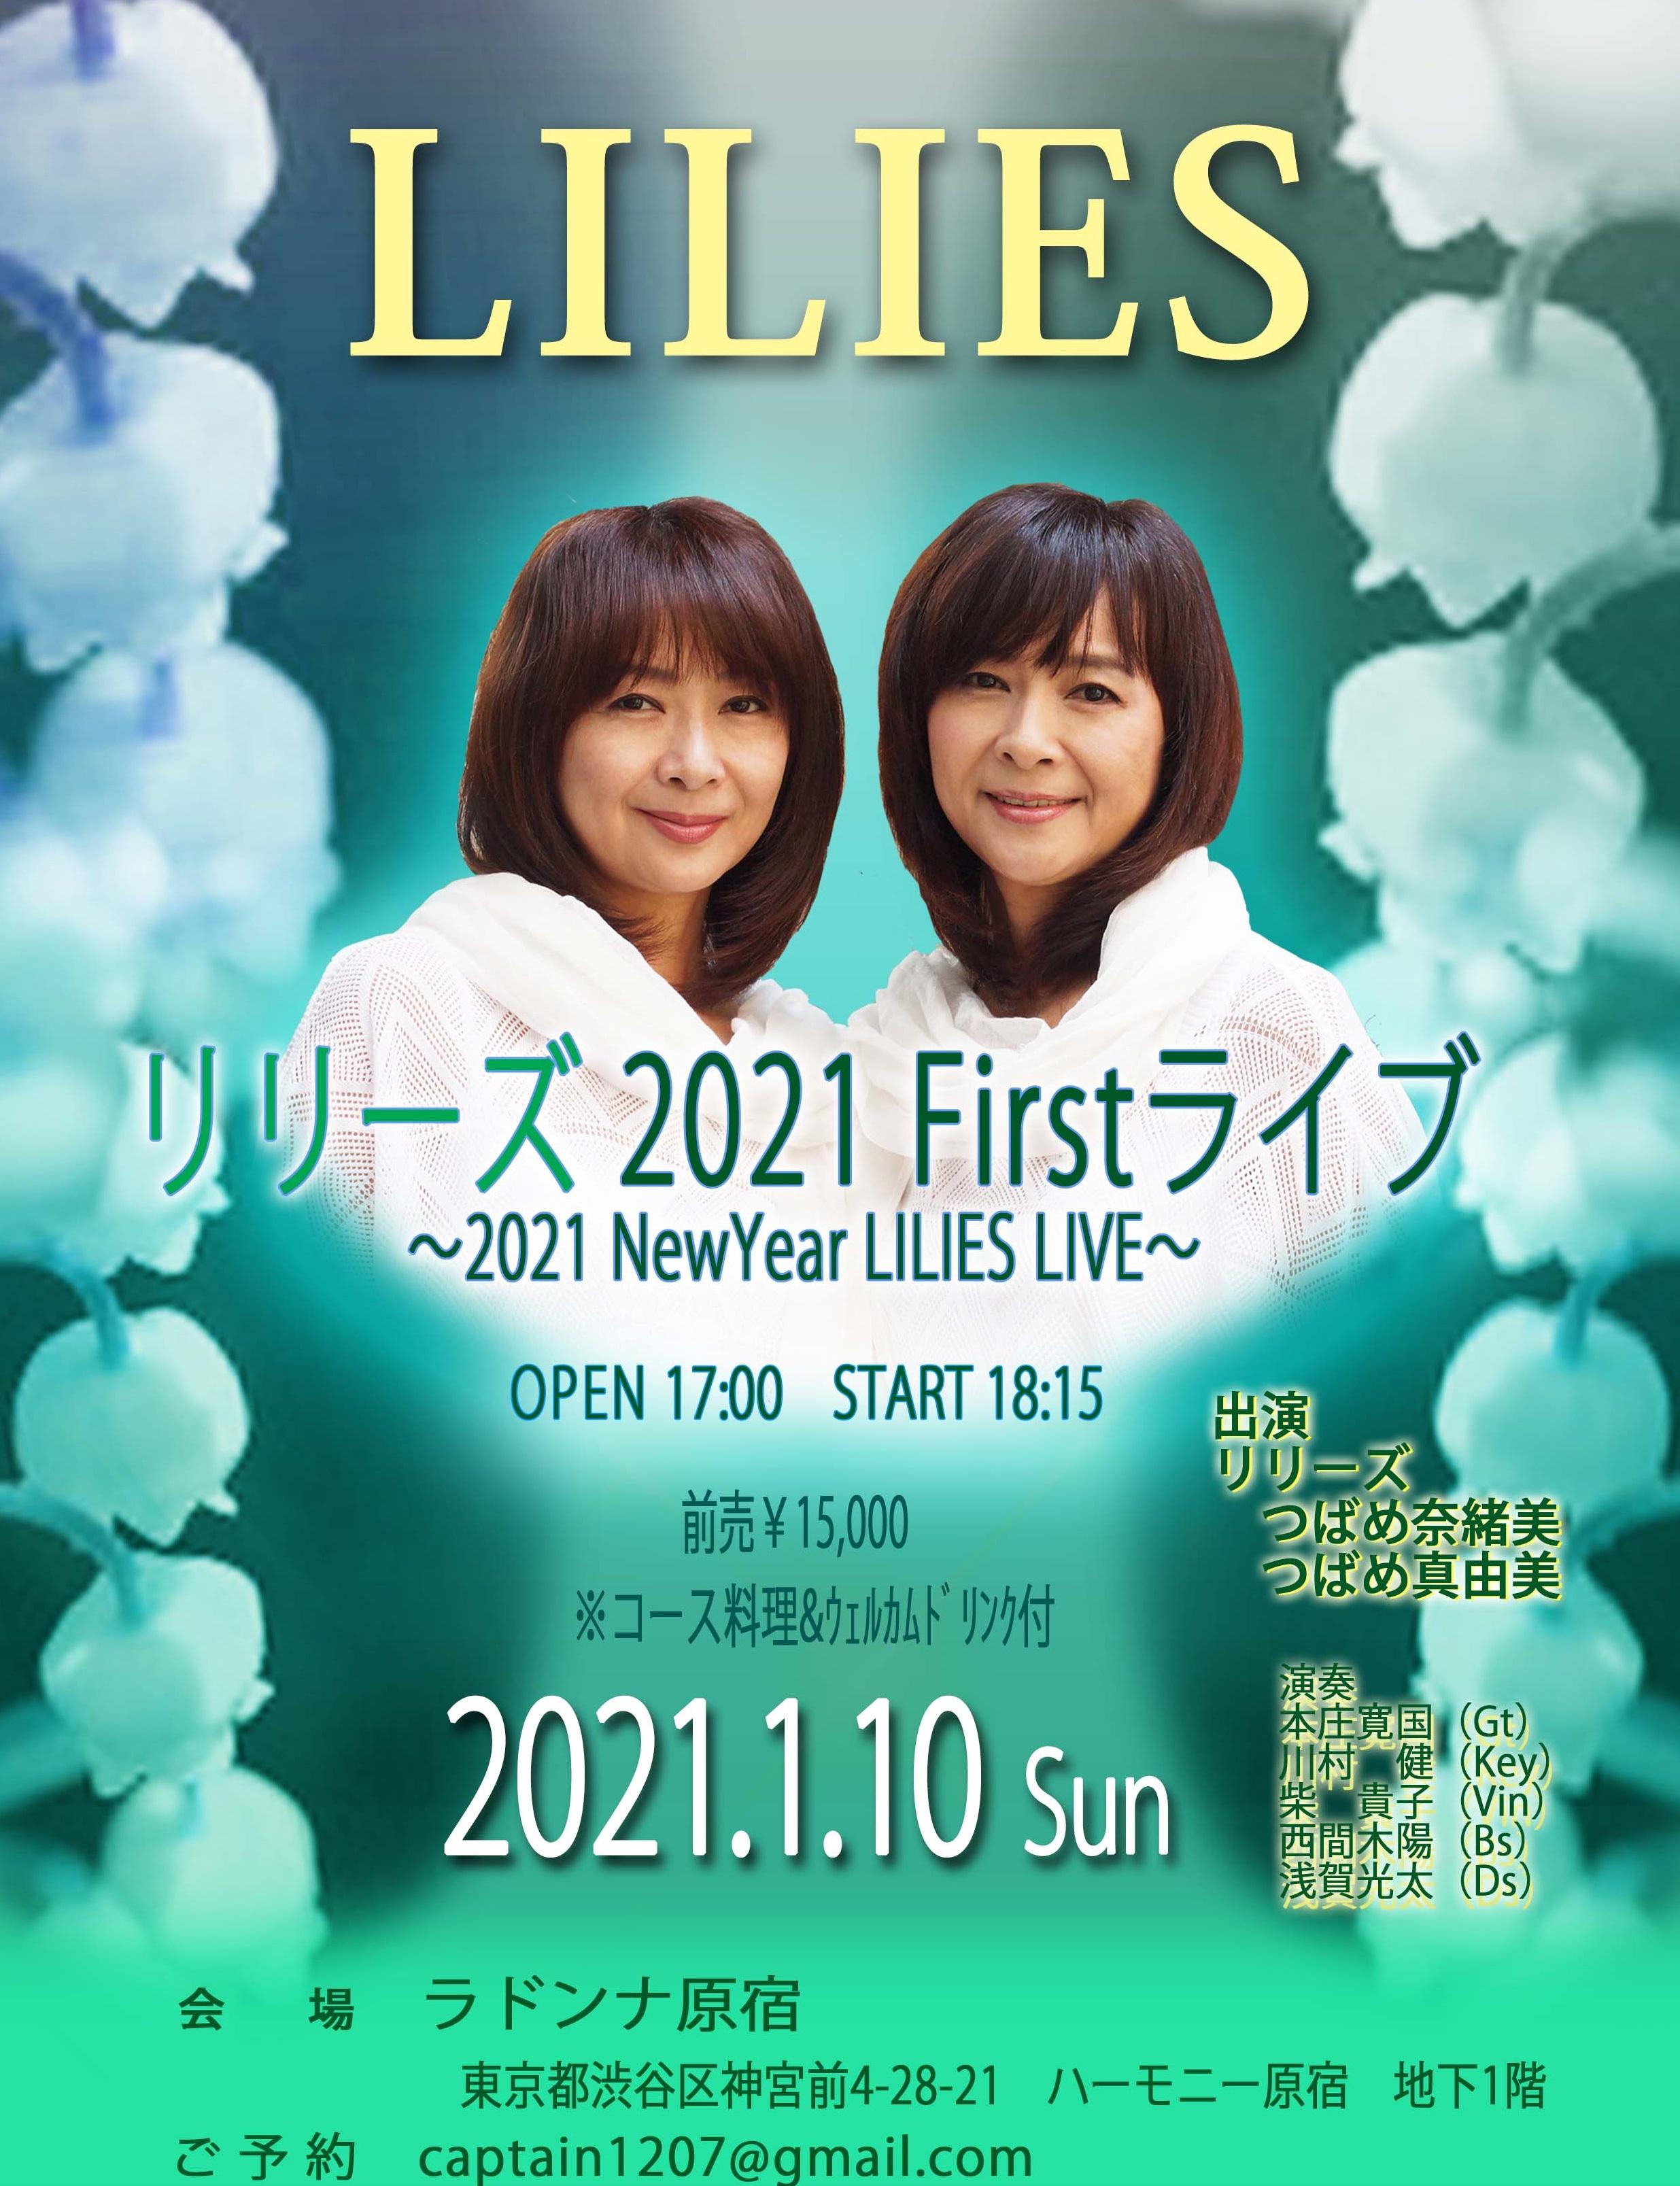 リリーズ 2021 Firstライブ  ~ 2021 NewYear LILIES  LIVE ~